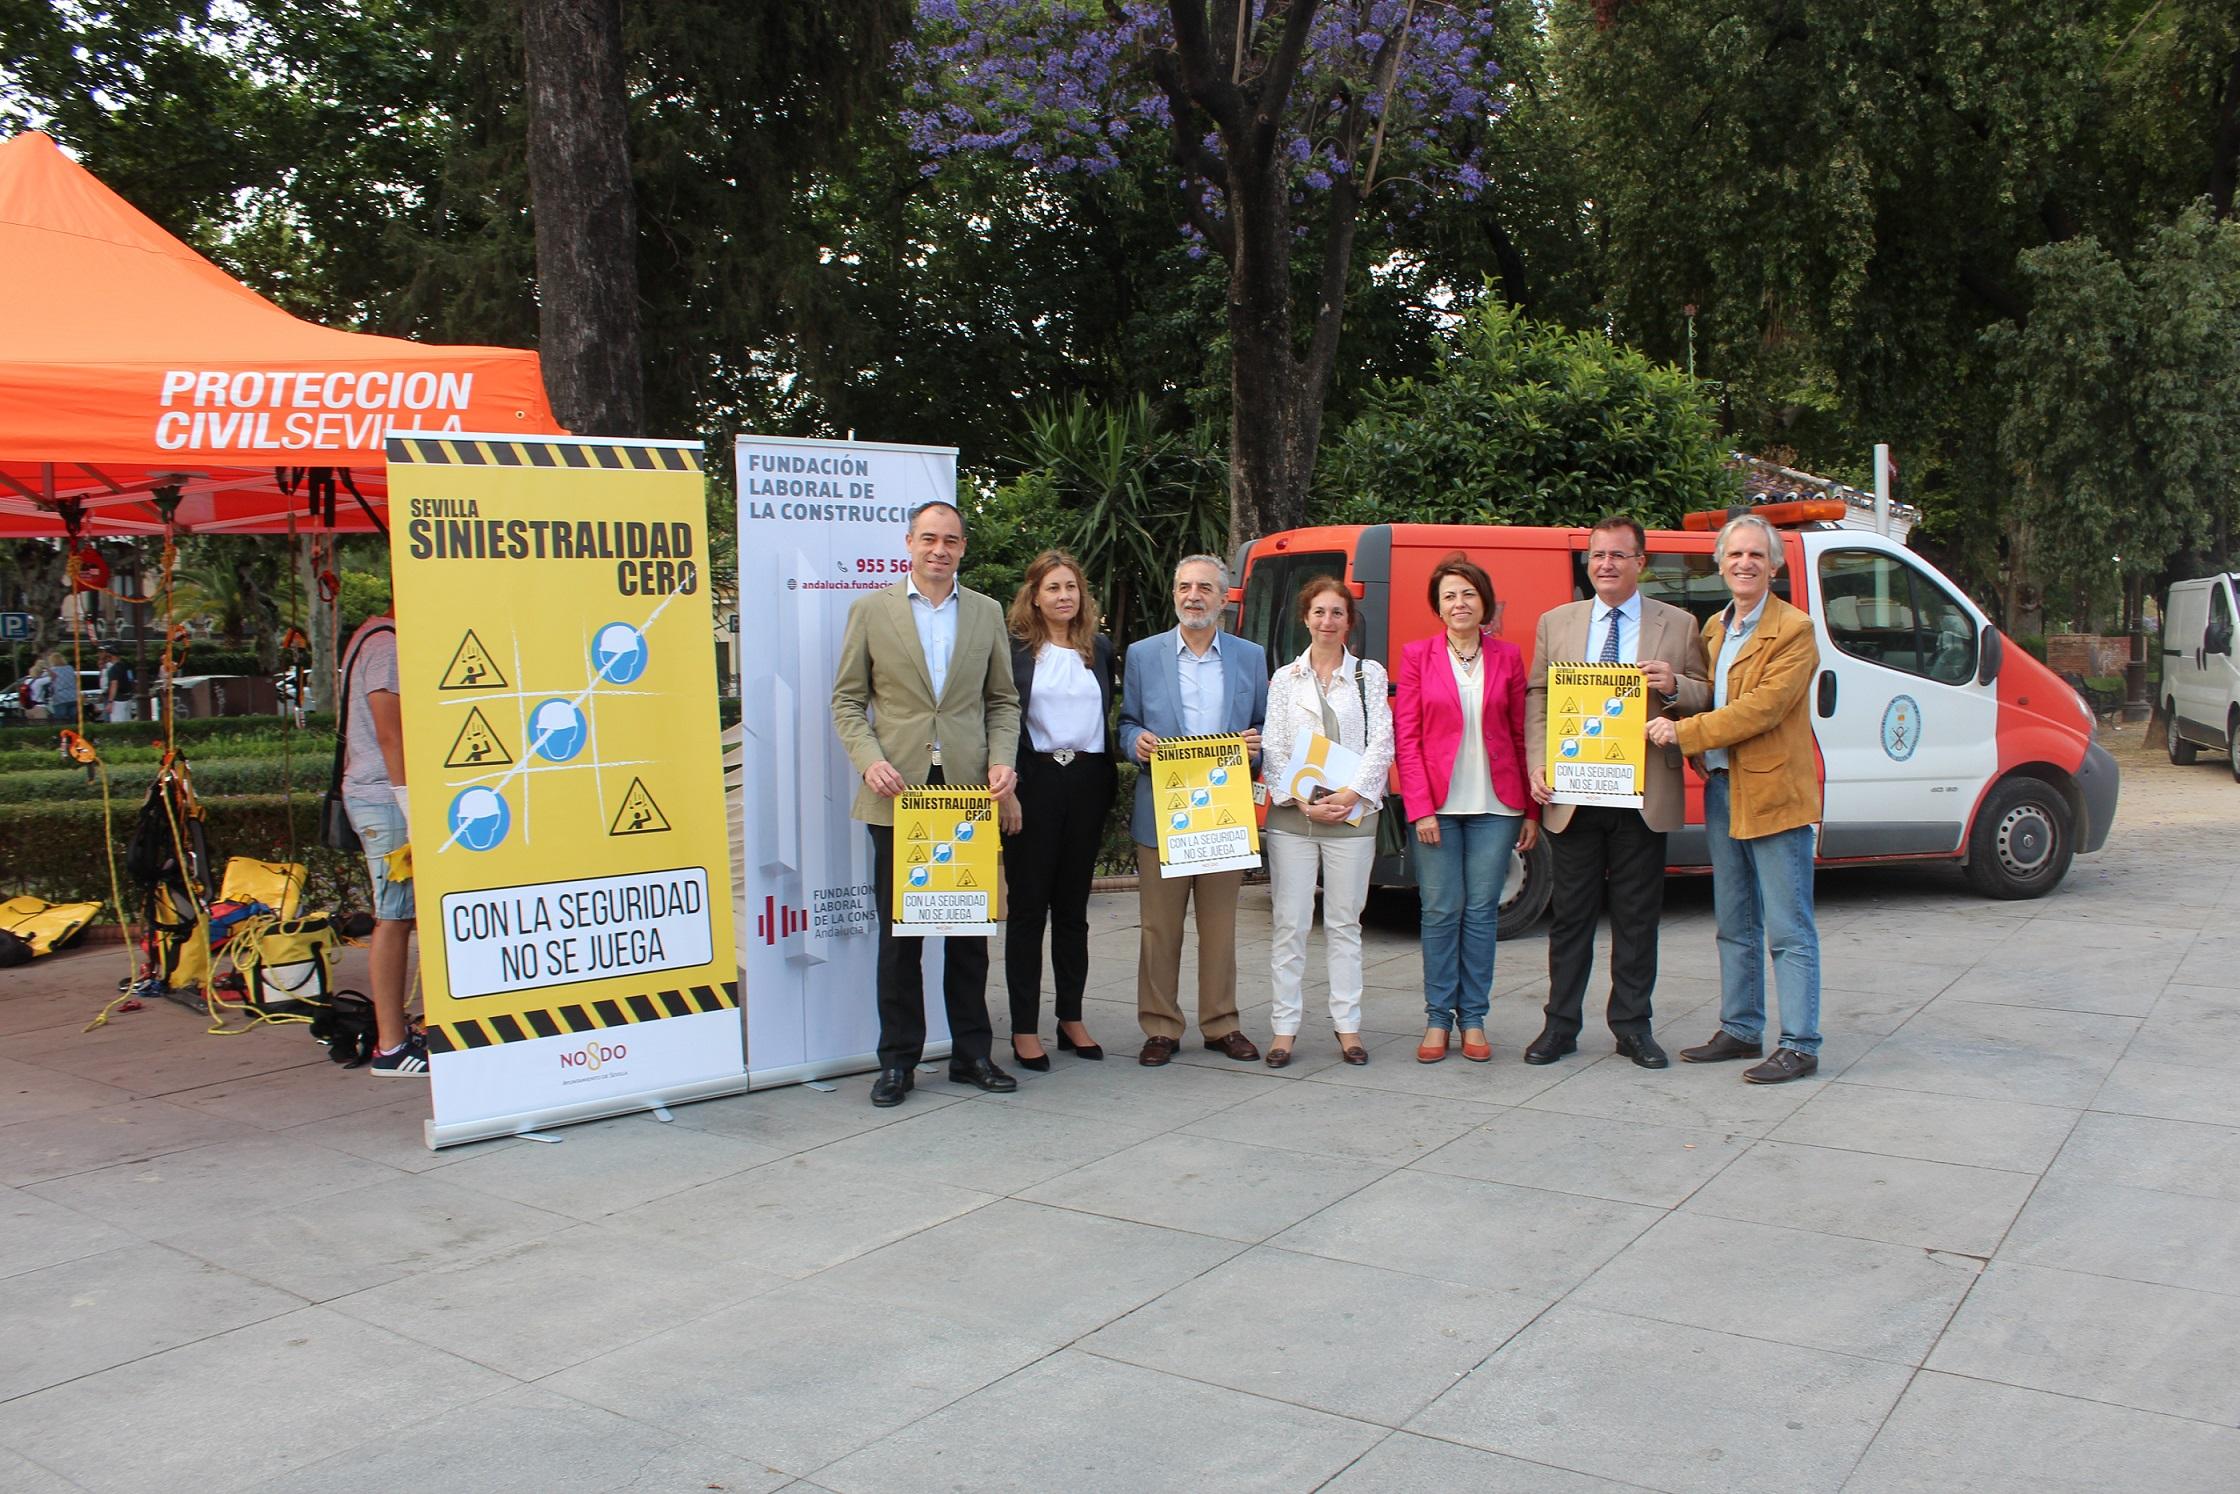 El Ayuntamiento pone en marcha la campaña \'Sevilla, siniestralidad ...